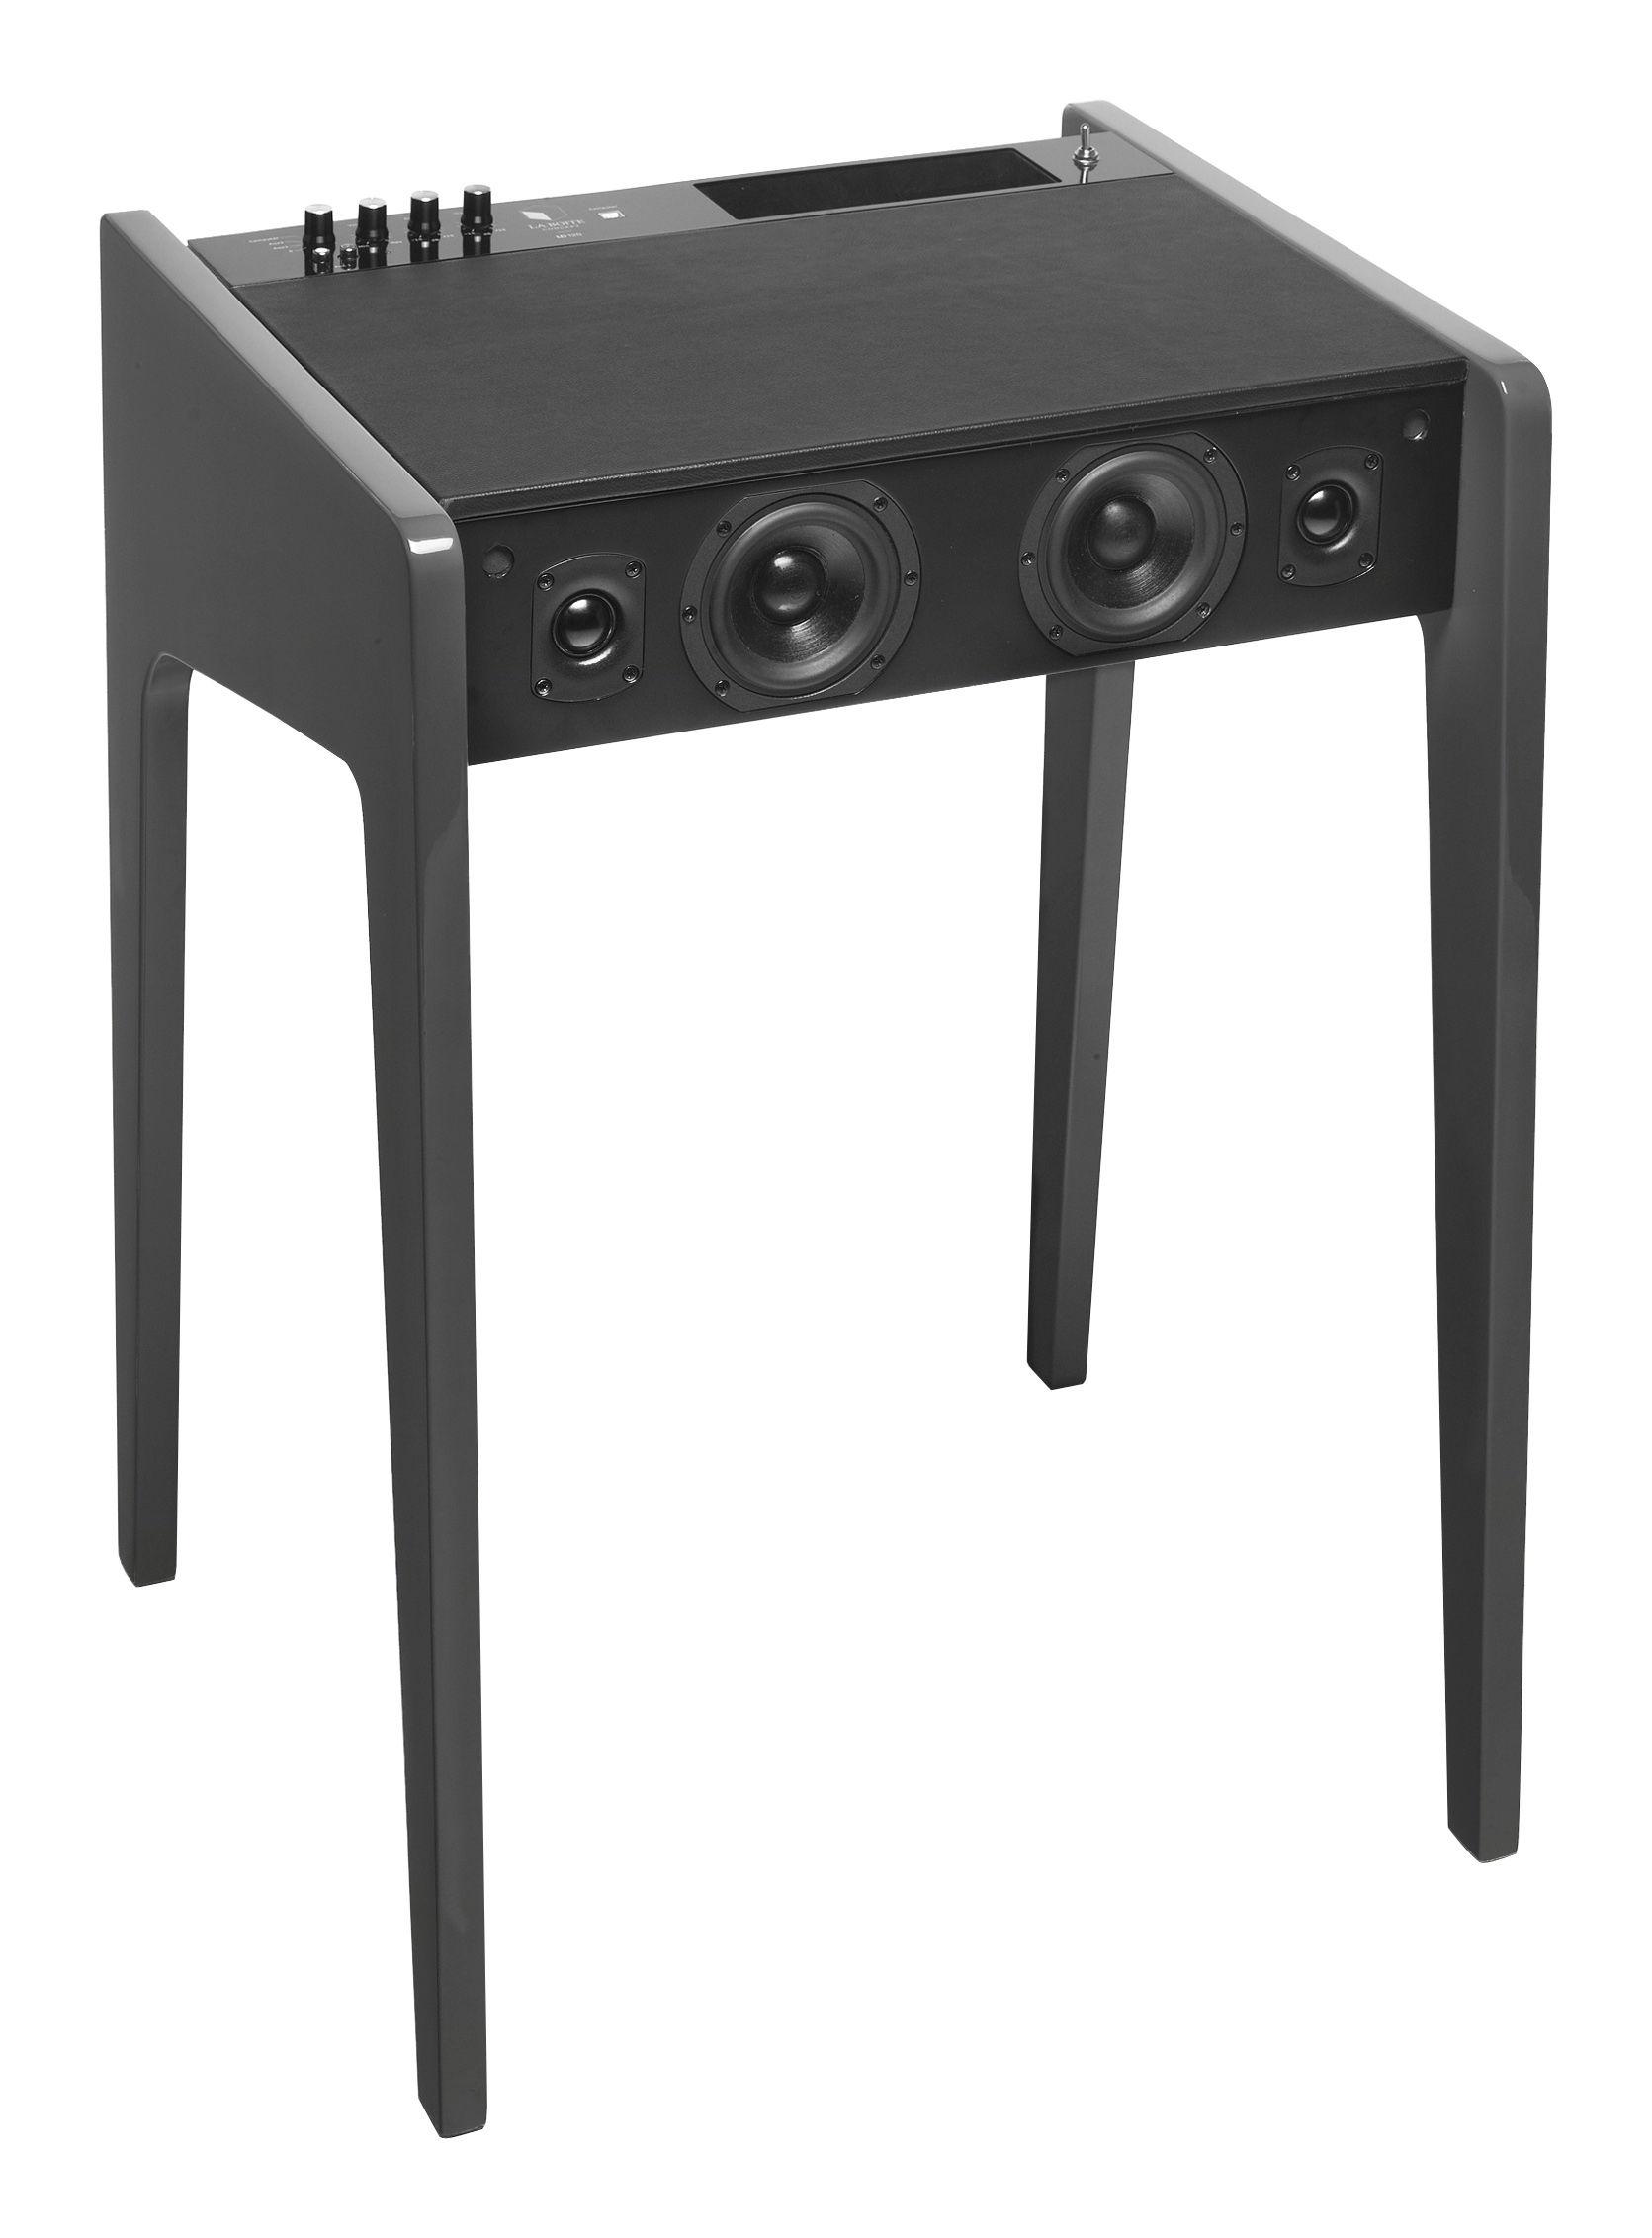 Interni - High Tech - Cassa stereo Blueooth LD 120 / Per computer portatile, iPod, iPhone - L 57 cm - La Boîte Concept - Antracite - MDF, Multiplex laccato, Pelle